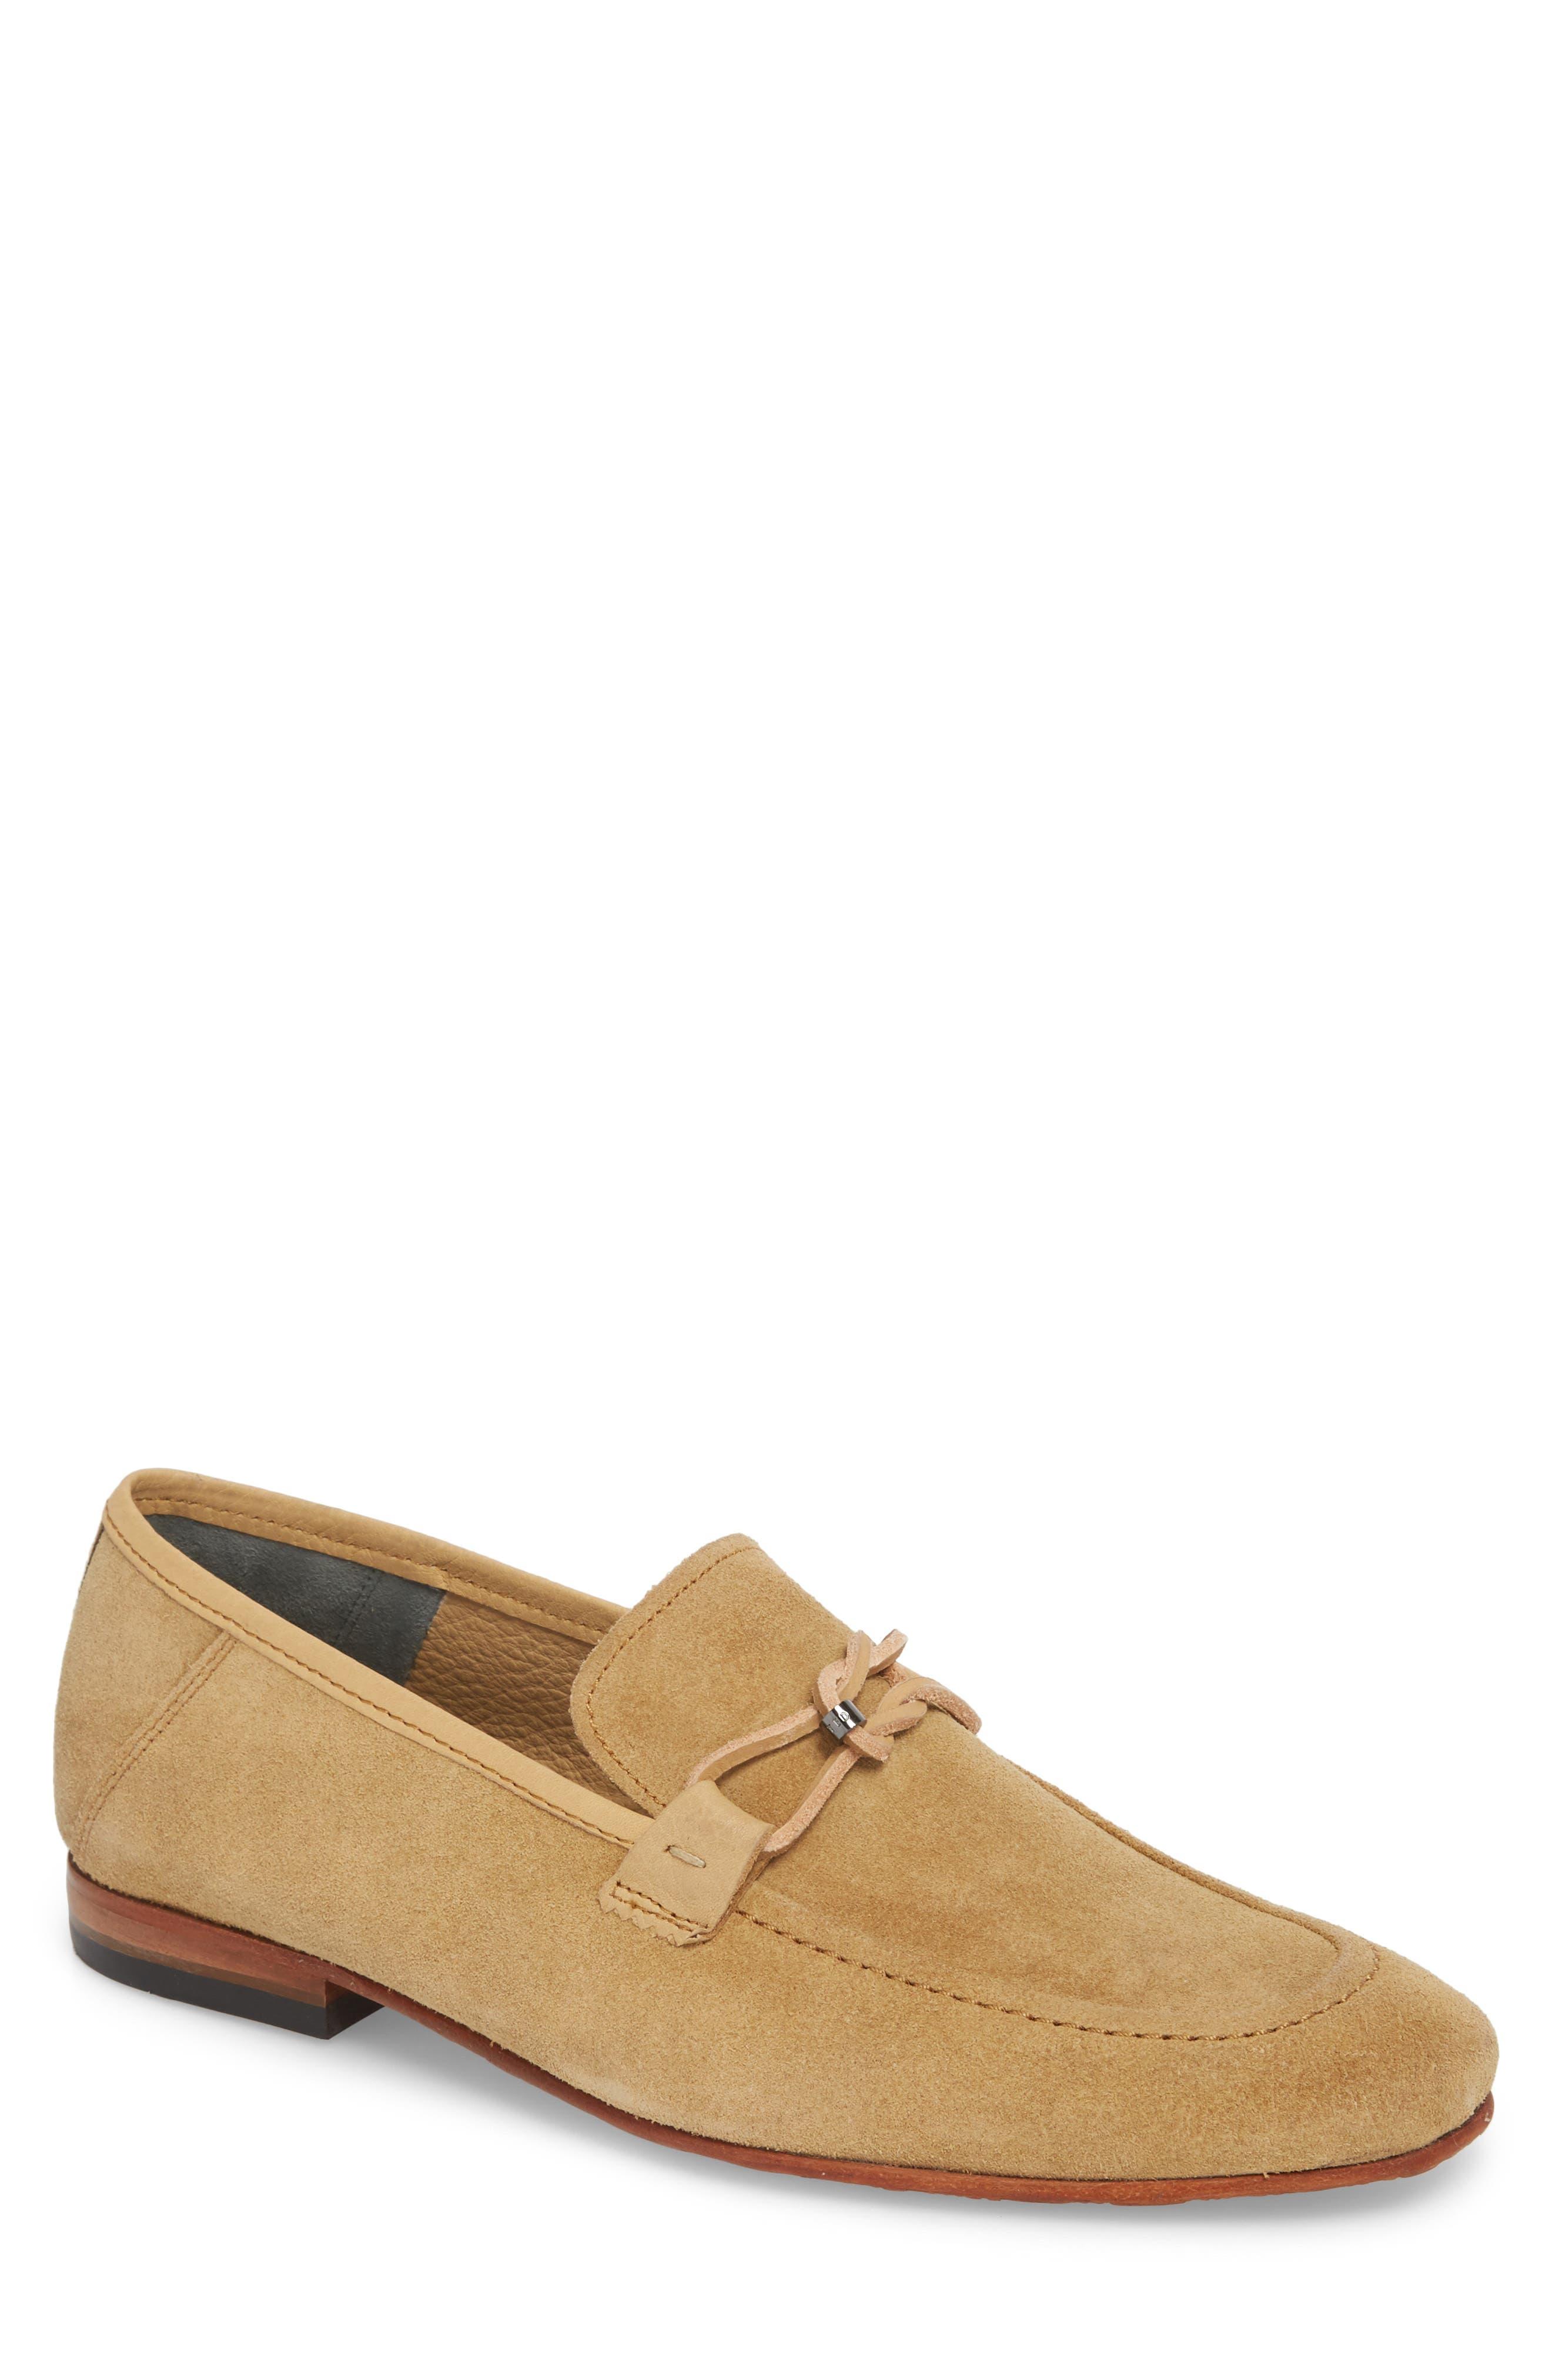 Ted Baker London Hoppken Convertible Knotted Loafer (Men)